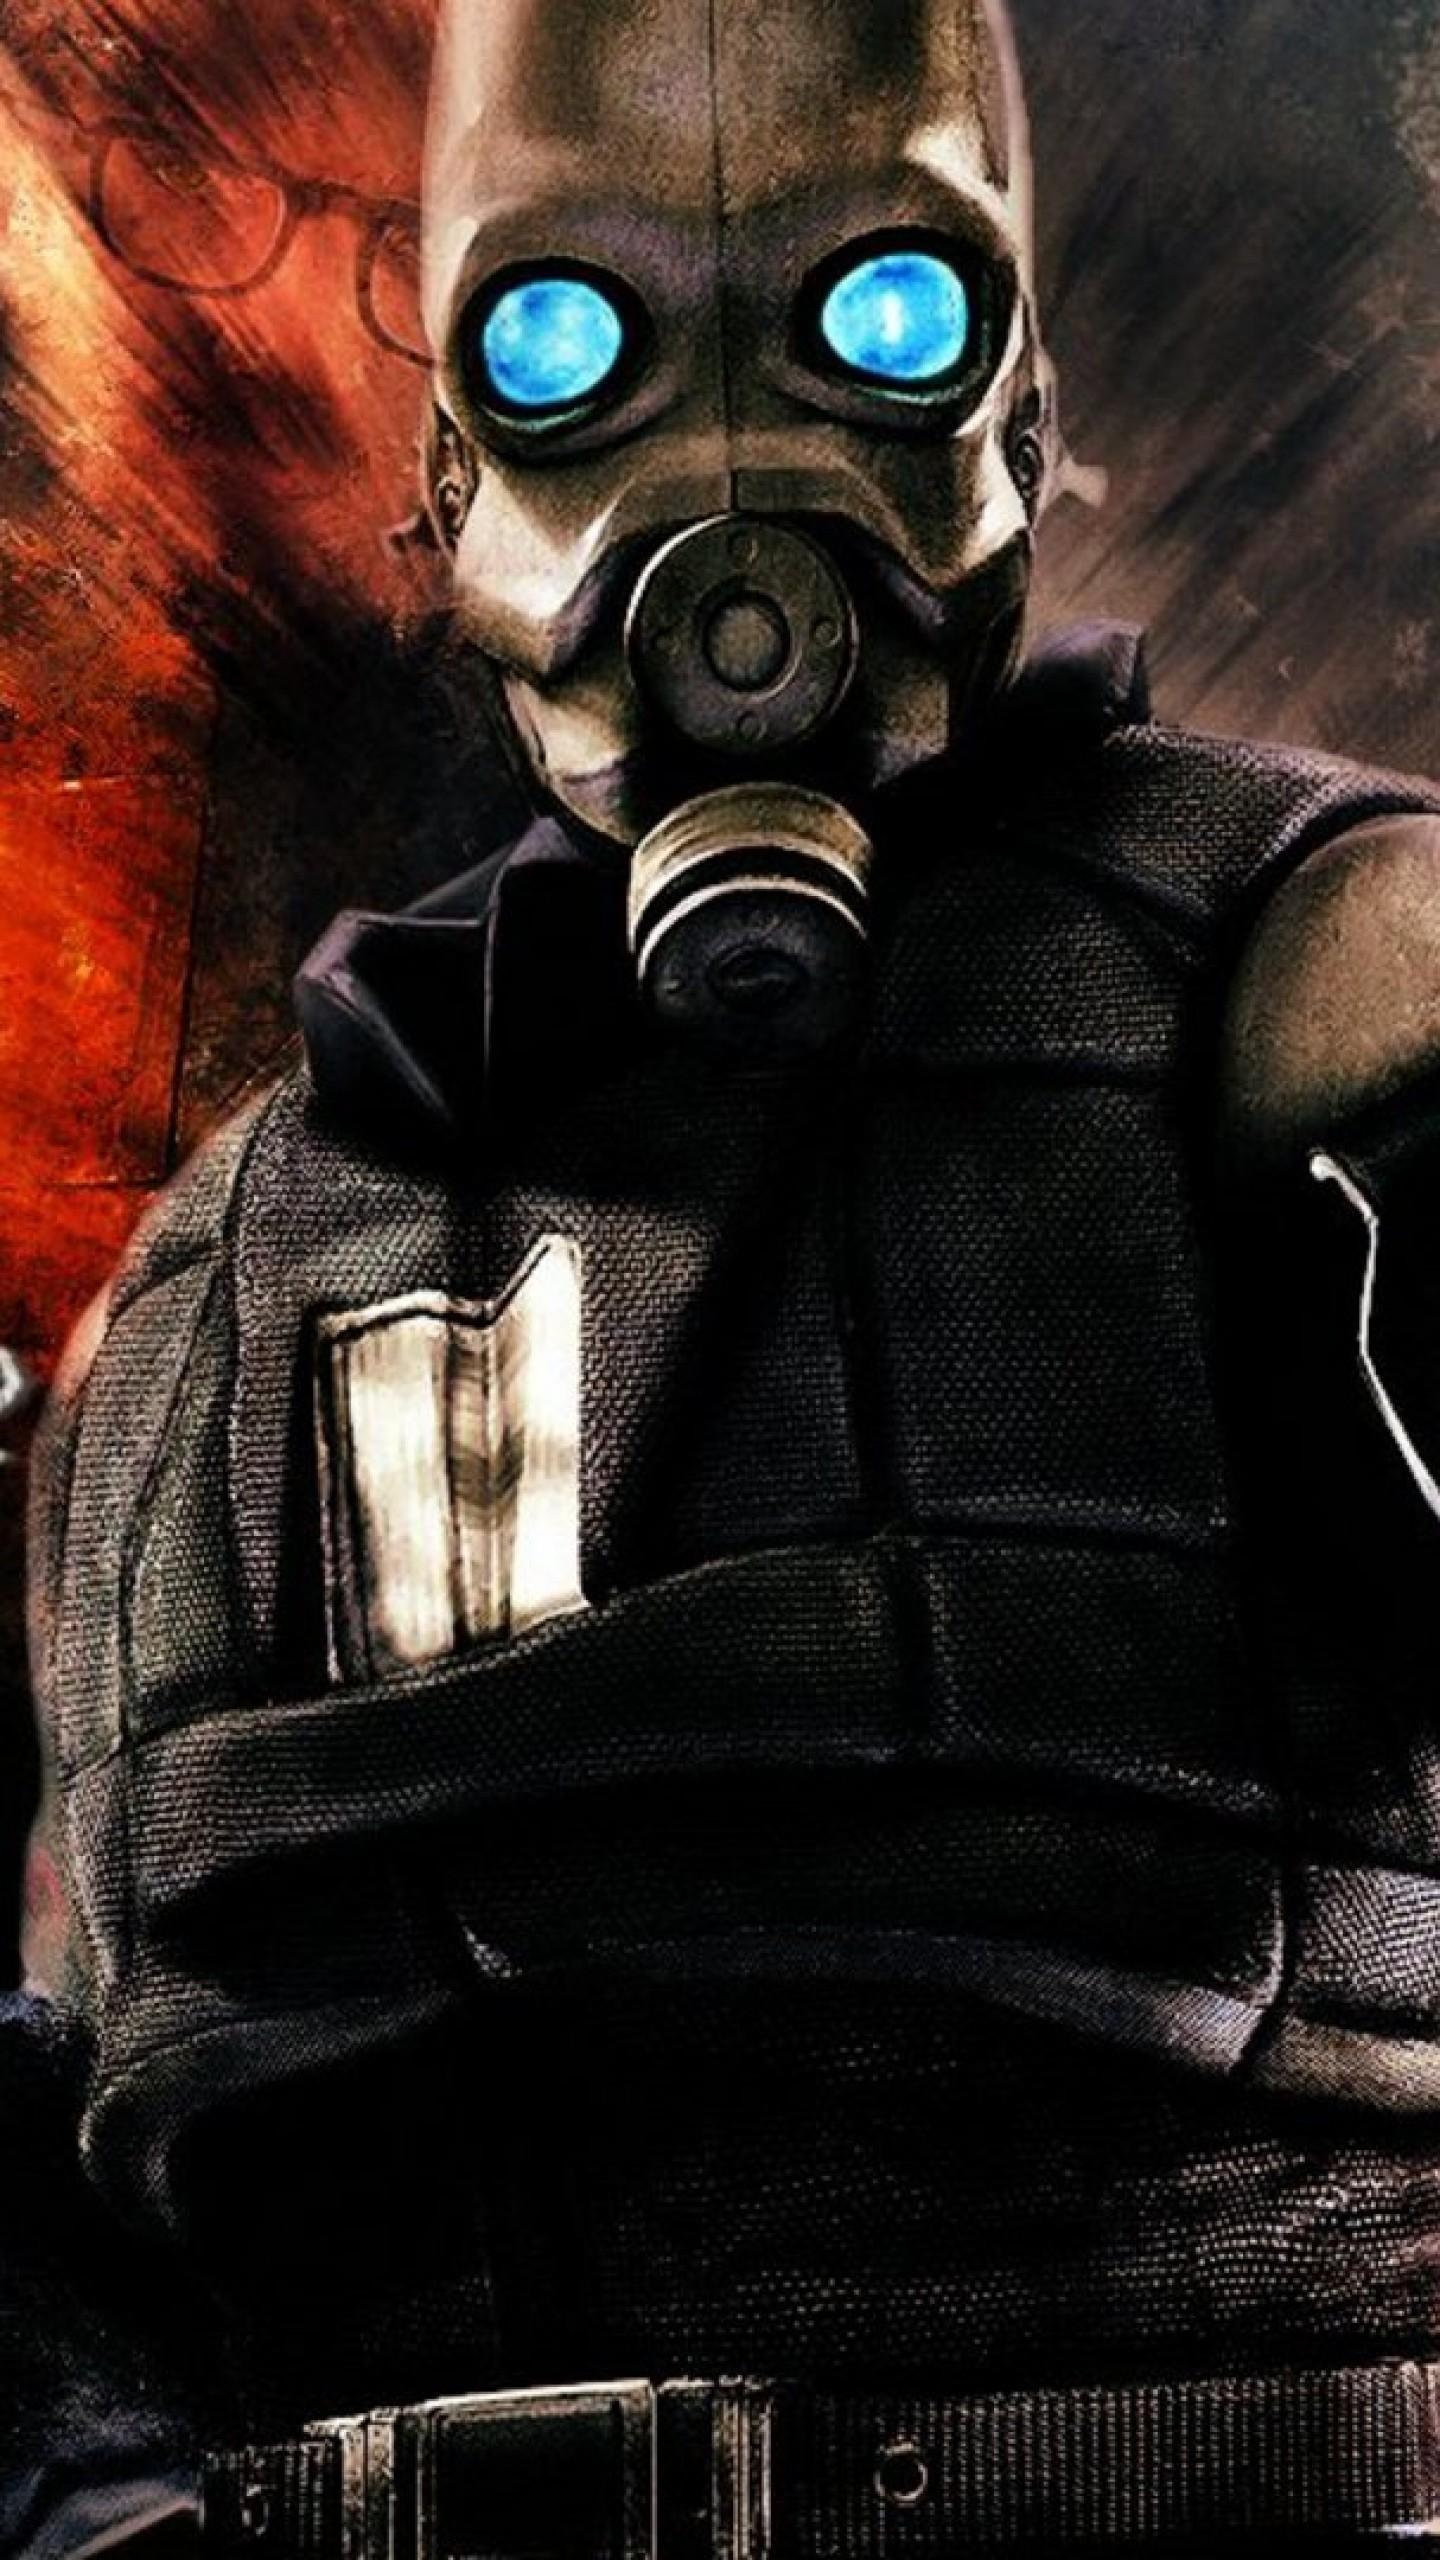 Wallpaper half-life 2, guard, mask, look